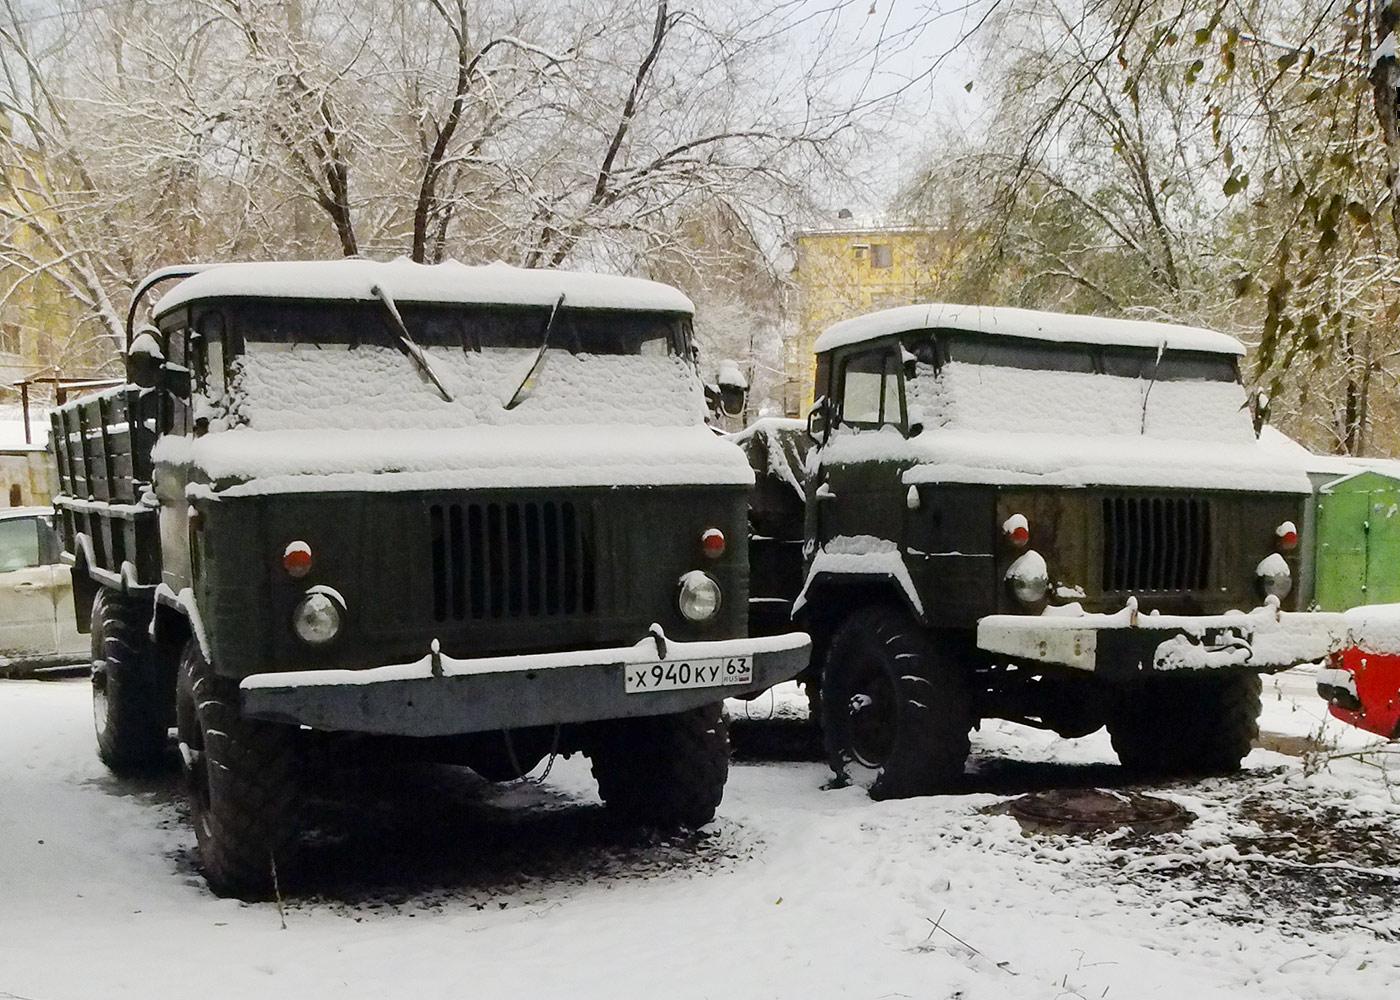 Грузовой автомобиль повышенной проходимости ГАЗ-66* #Х940КУ63 . г. Самара, ул. Партизанская